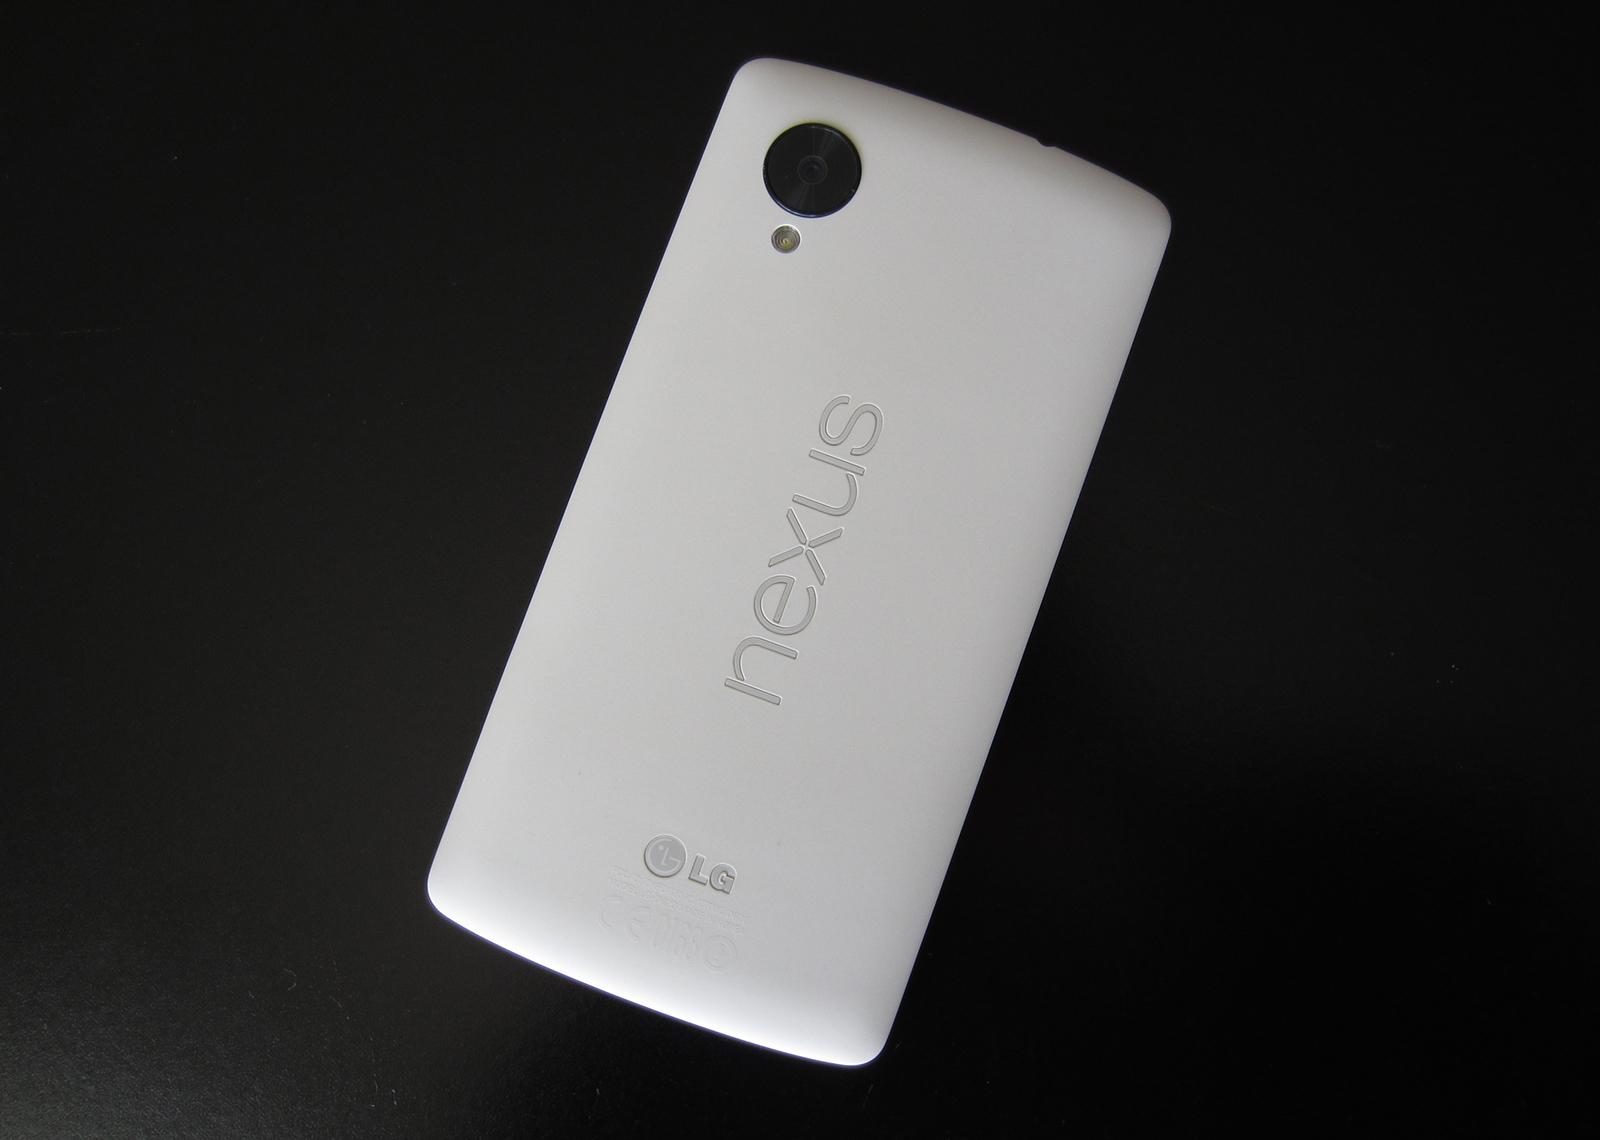 10 Common Nexus 5 Problems & How to Fix Them